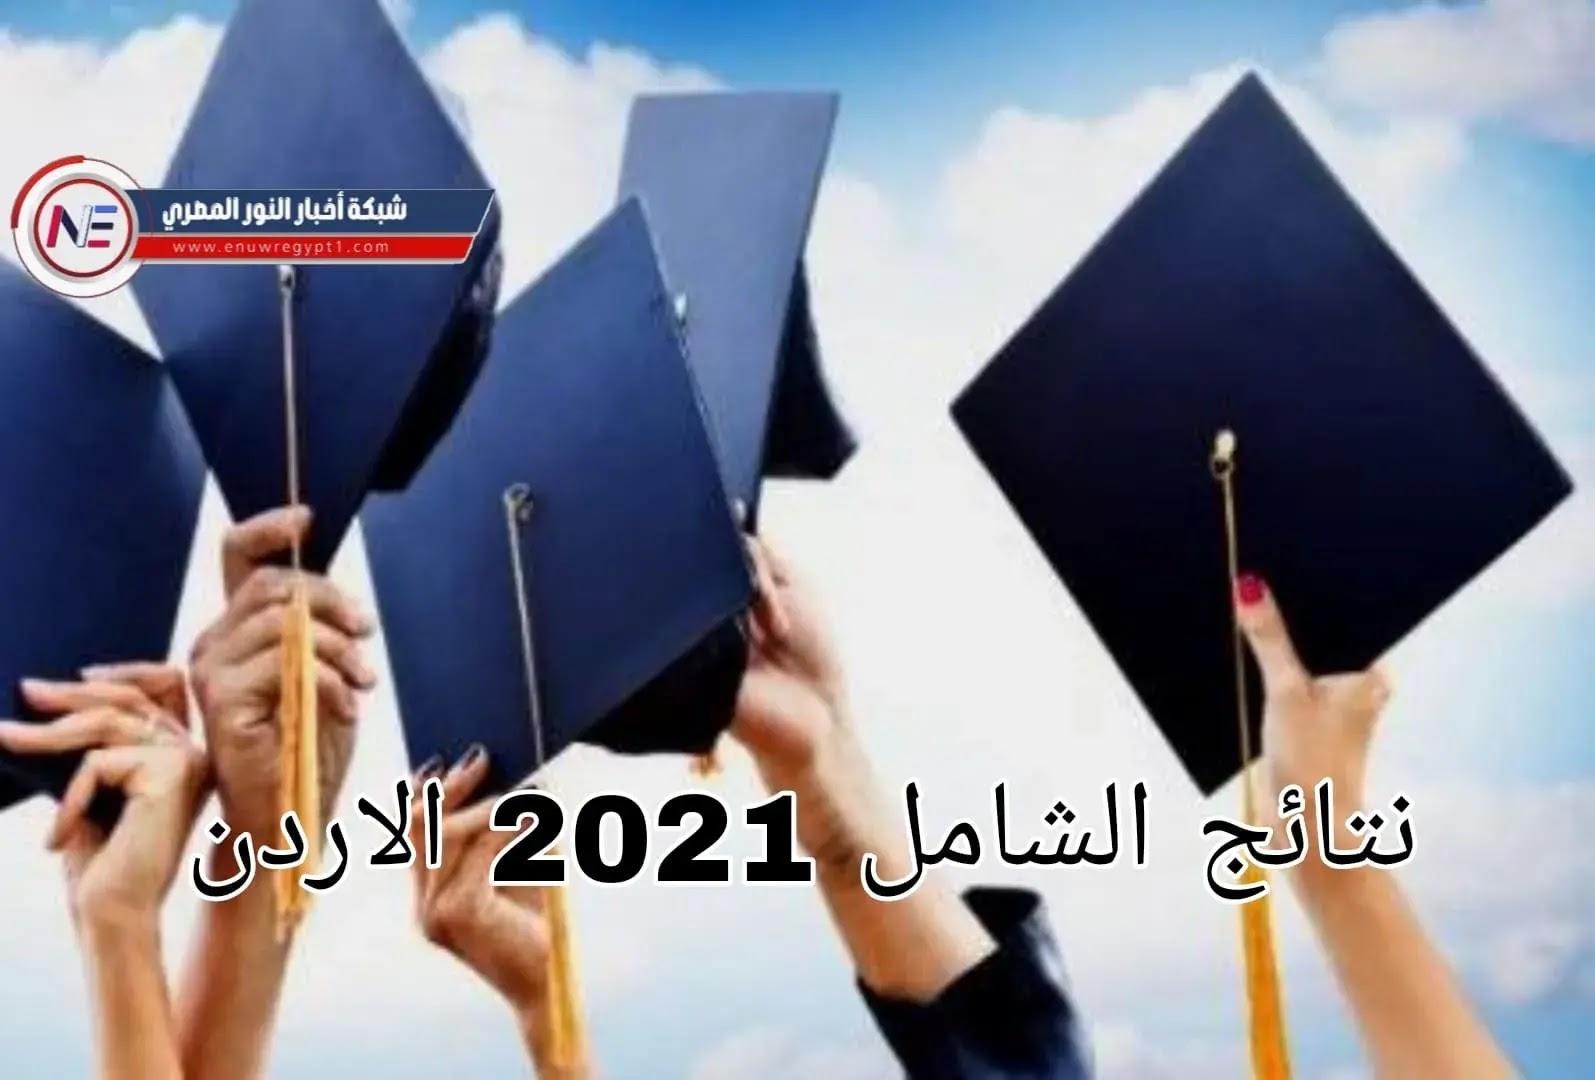 نتائج الشامل 2021 الاردن .. ظهرت فورا نتائج الشامل 2021 جامعة البلقاء التطبيقية حسب الاسم ورقم الجلوس shamel.bau.jo